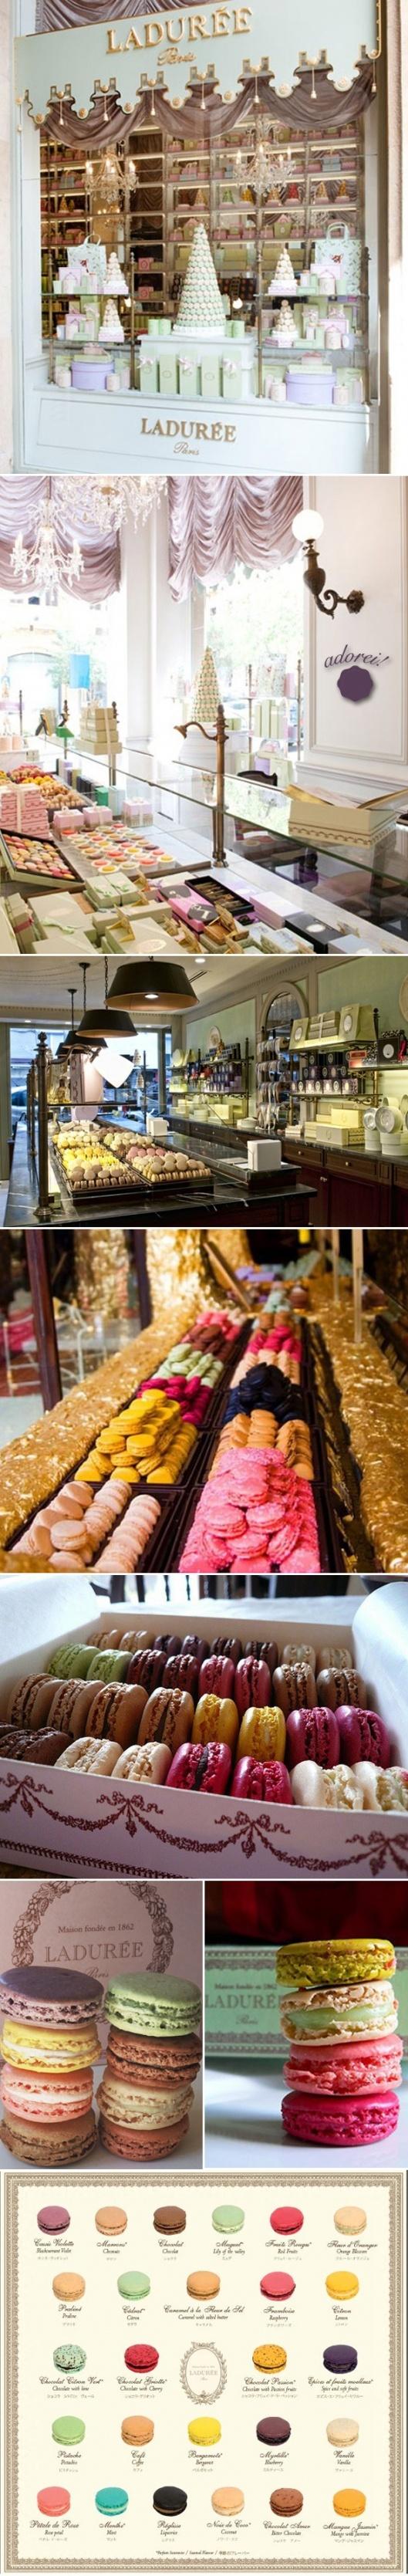 Ladurée: Ladurée Macaroons, Laduree Pastry, Ladurée Paris, Green Wall, Bakeries, Macaron Diet, Convenience Shops, Ladure Macaroons, 30Th Birthday